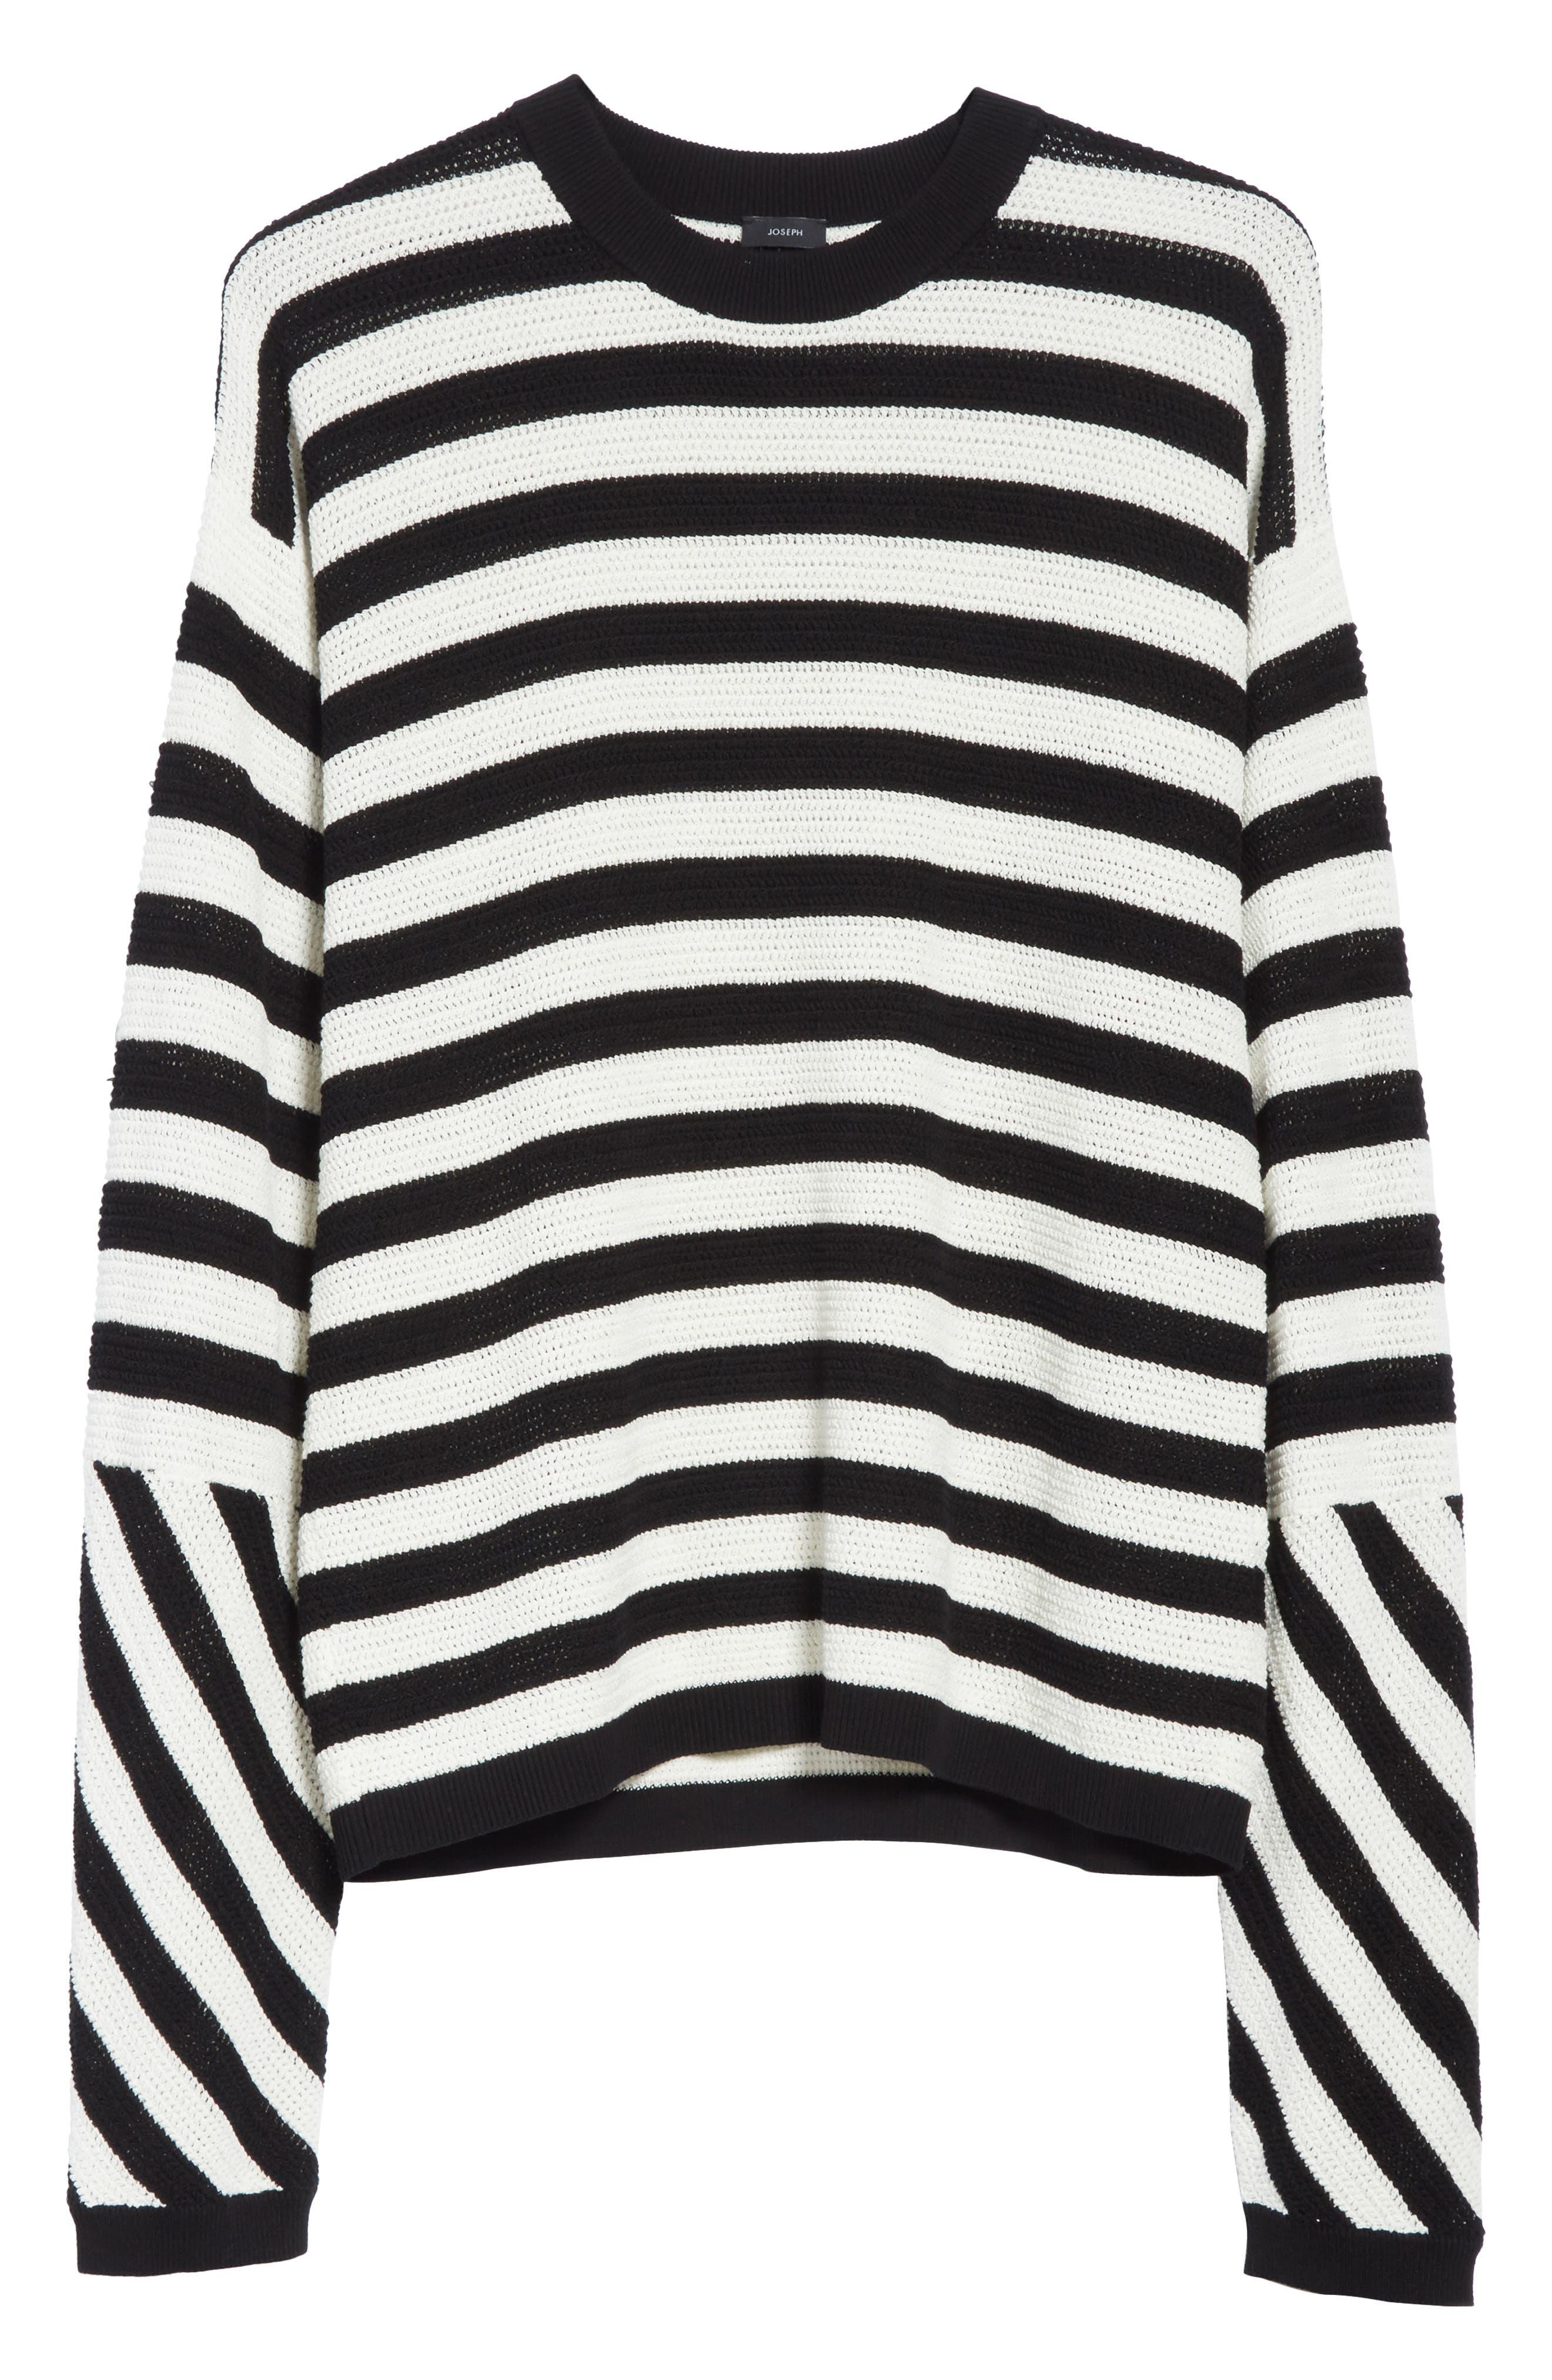 Stripe Cotton Pique Sweater,                             Alternate thumbnail 6, color,                             Black